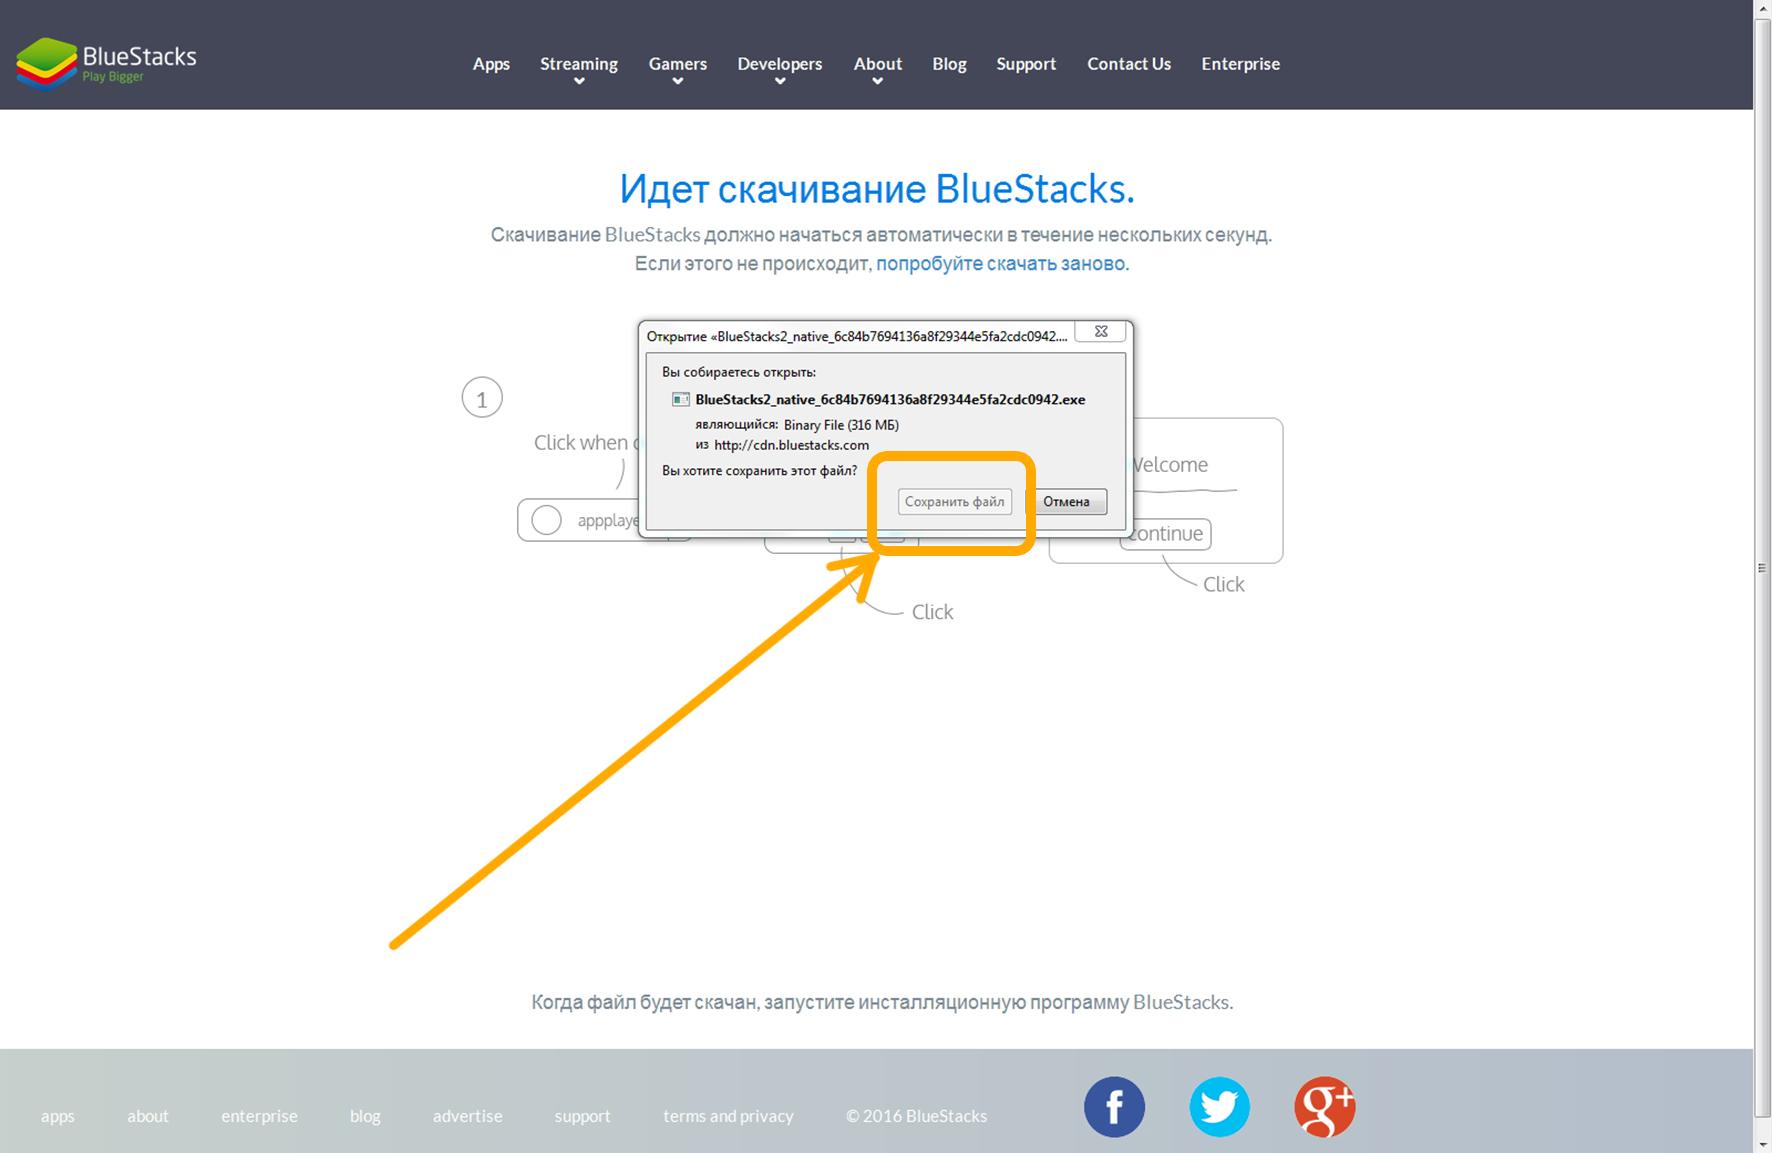 Всплывающее окно, на официальном сайте разработчиков, где нужно подтвердить свое желание скачать андроид эмулятор Bluestacks.